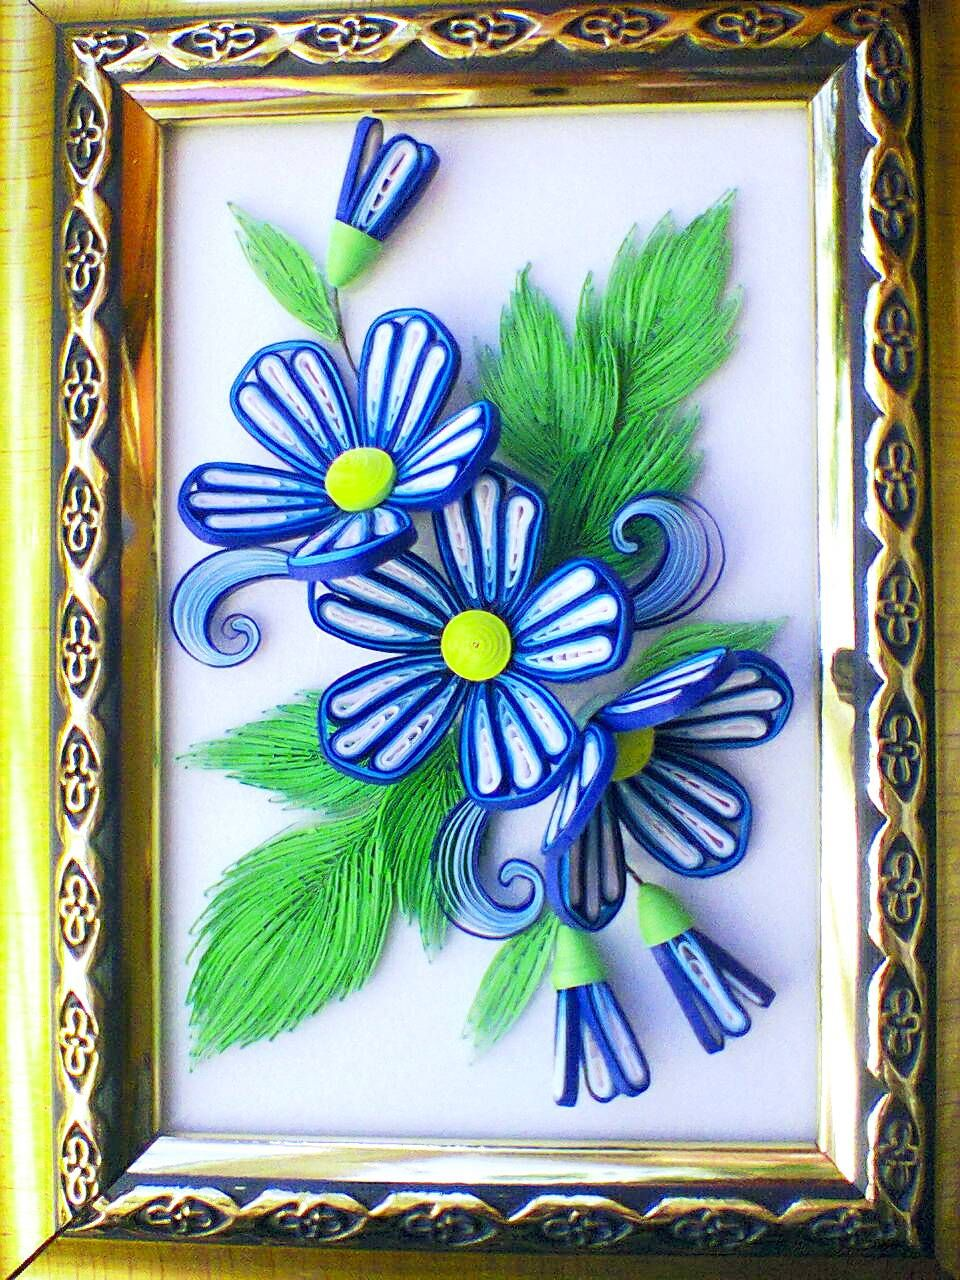 синие цветы для открытки своими руками светлый праздник пасхи